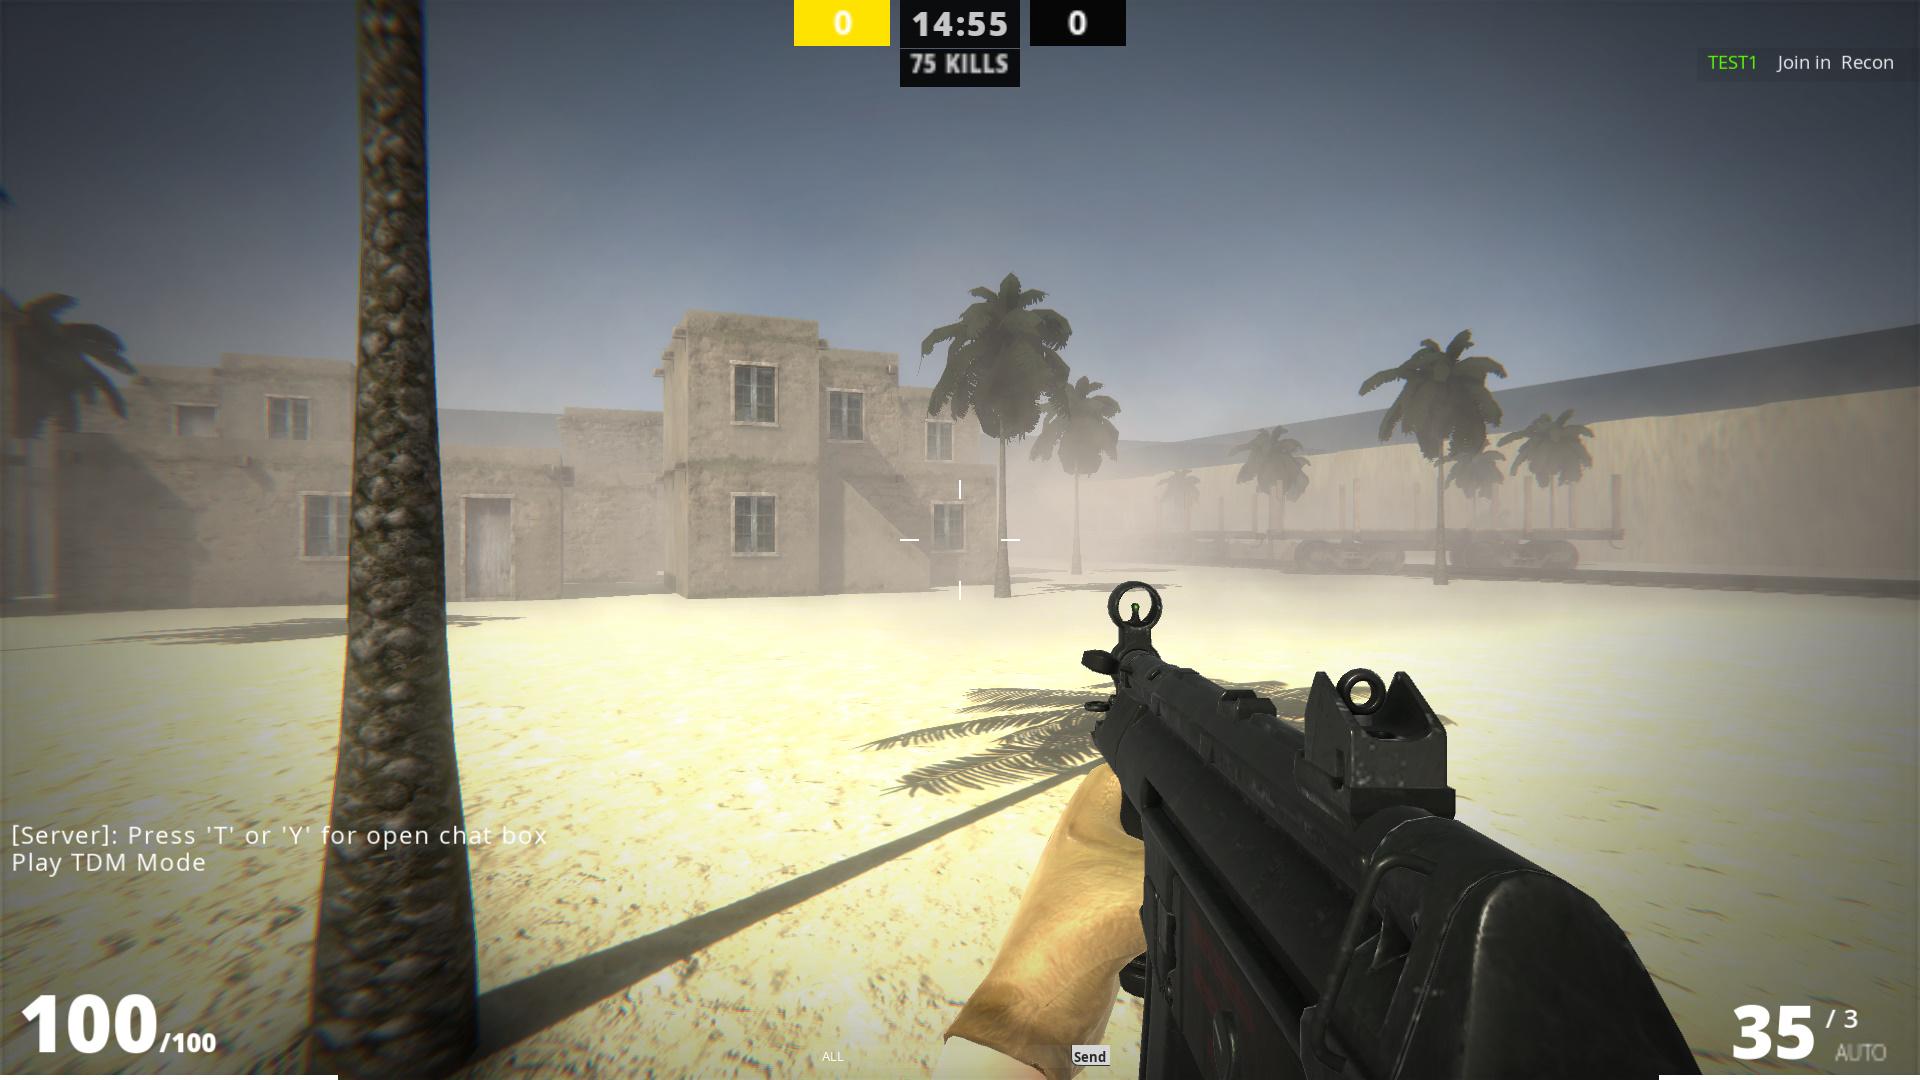 Multiplayer fps: Schooter